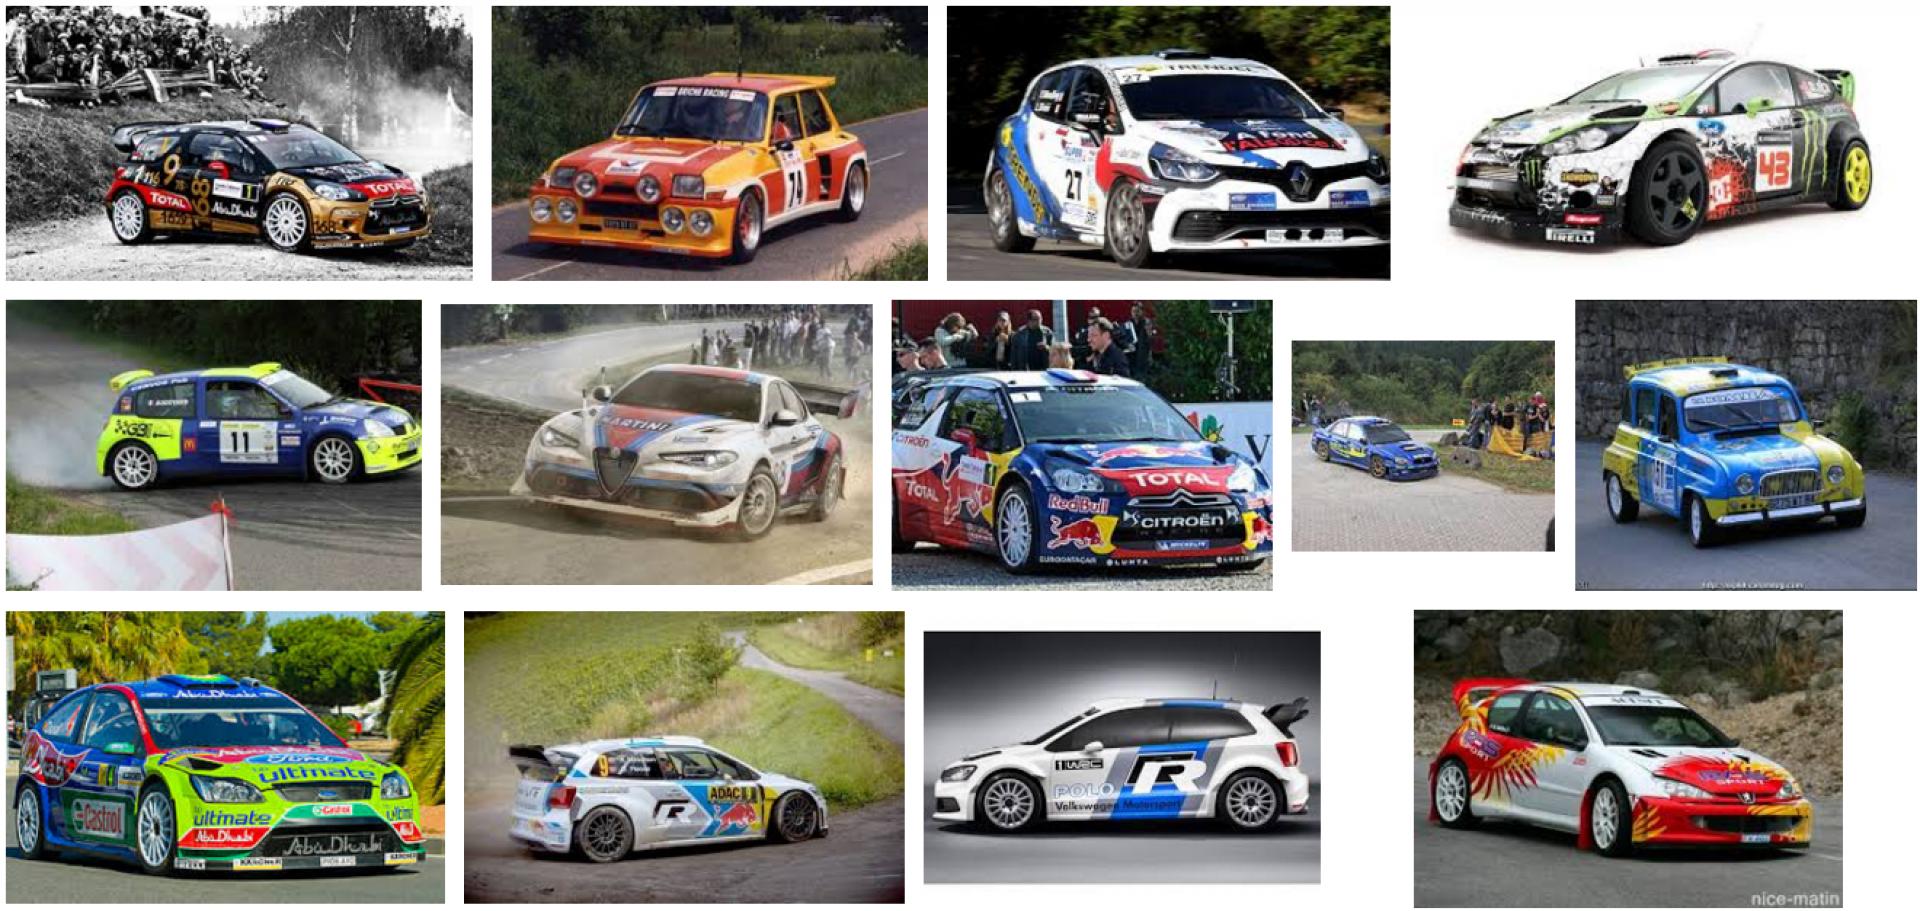 Connaissez-vous les différentes catégories de voitures de Rallye ?